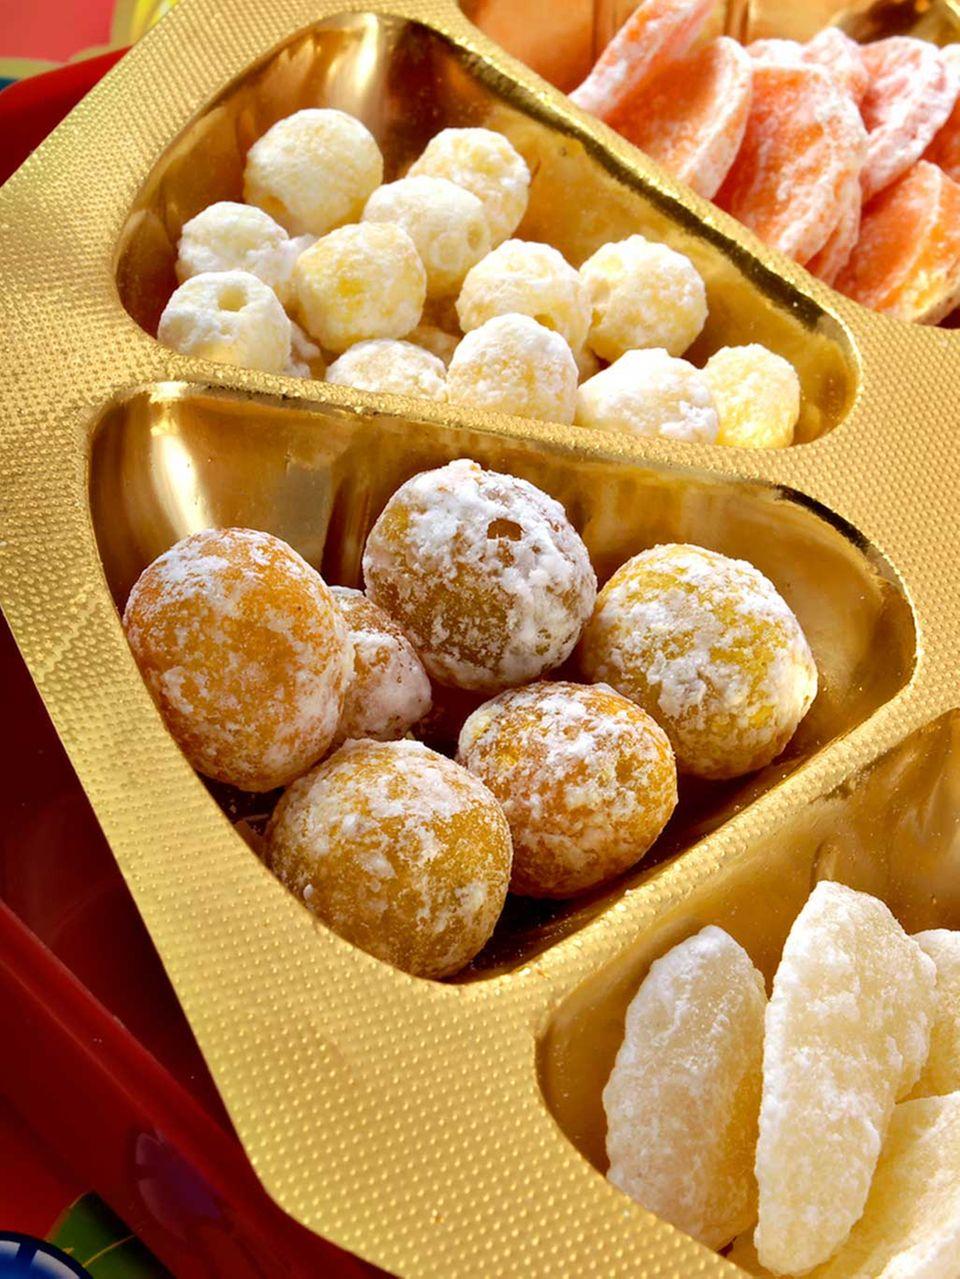 Gezuckerte Lotussamen und andere Süßigkeiten